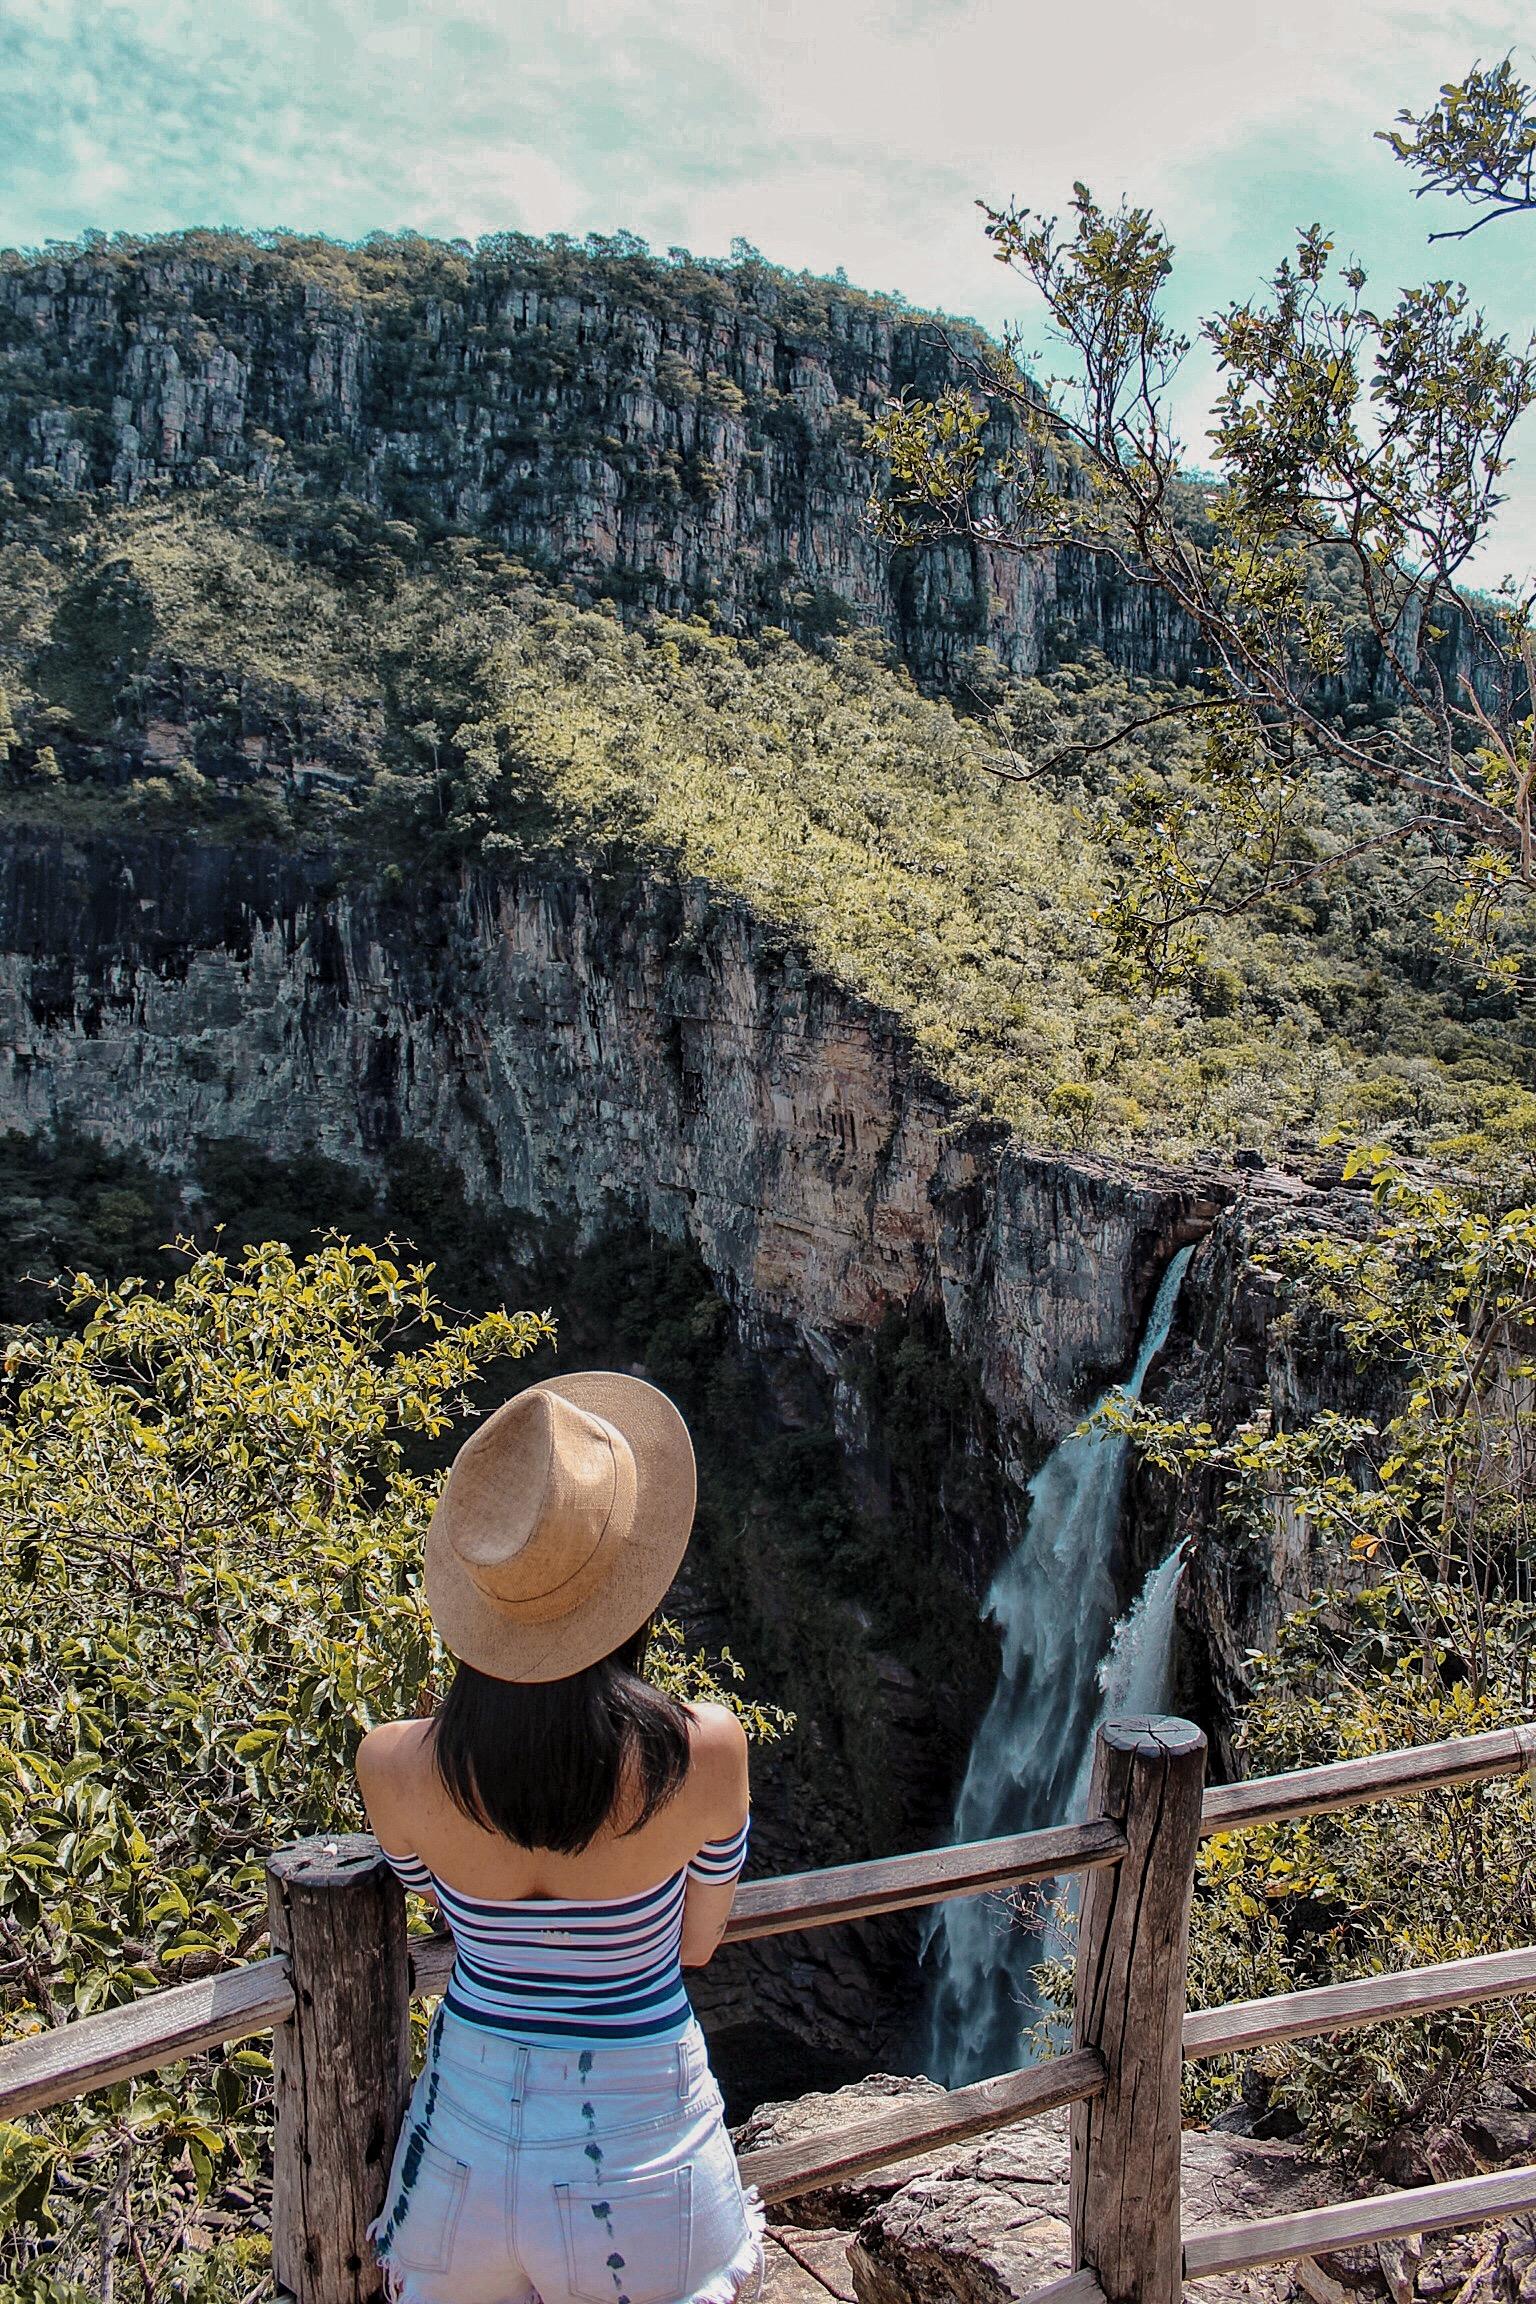 lifesthayle-parque-nacional-da-chapada-dos-veadeiros-salto-120m-mirante.JPG